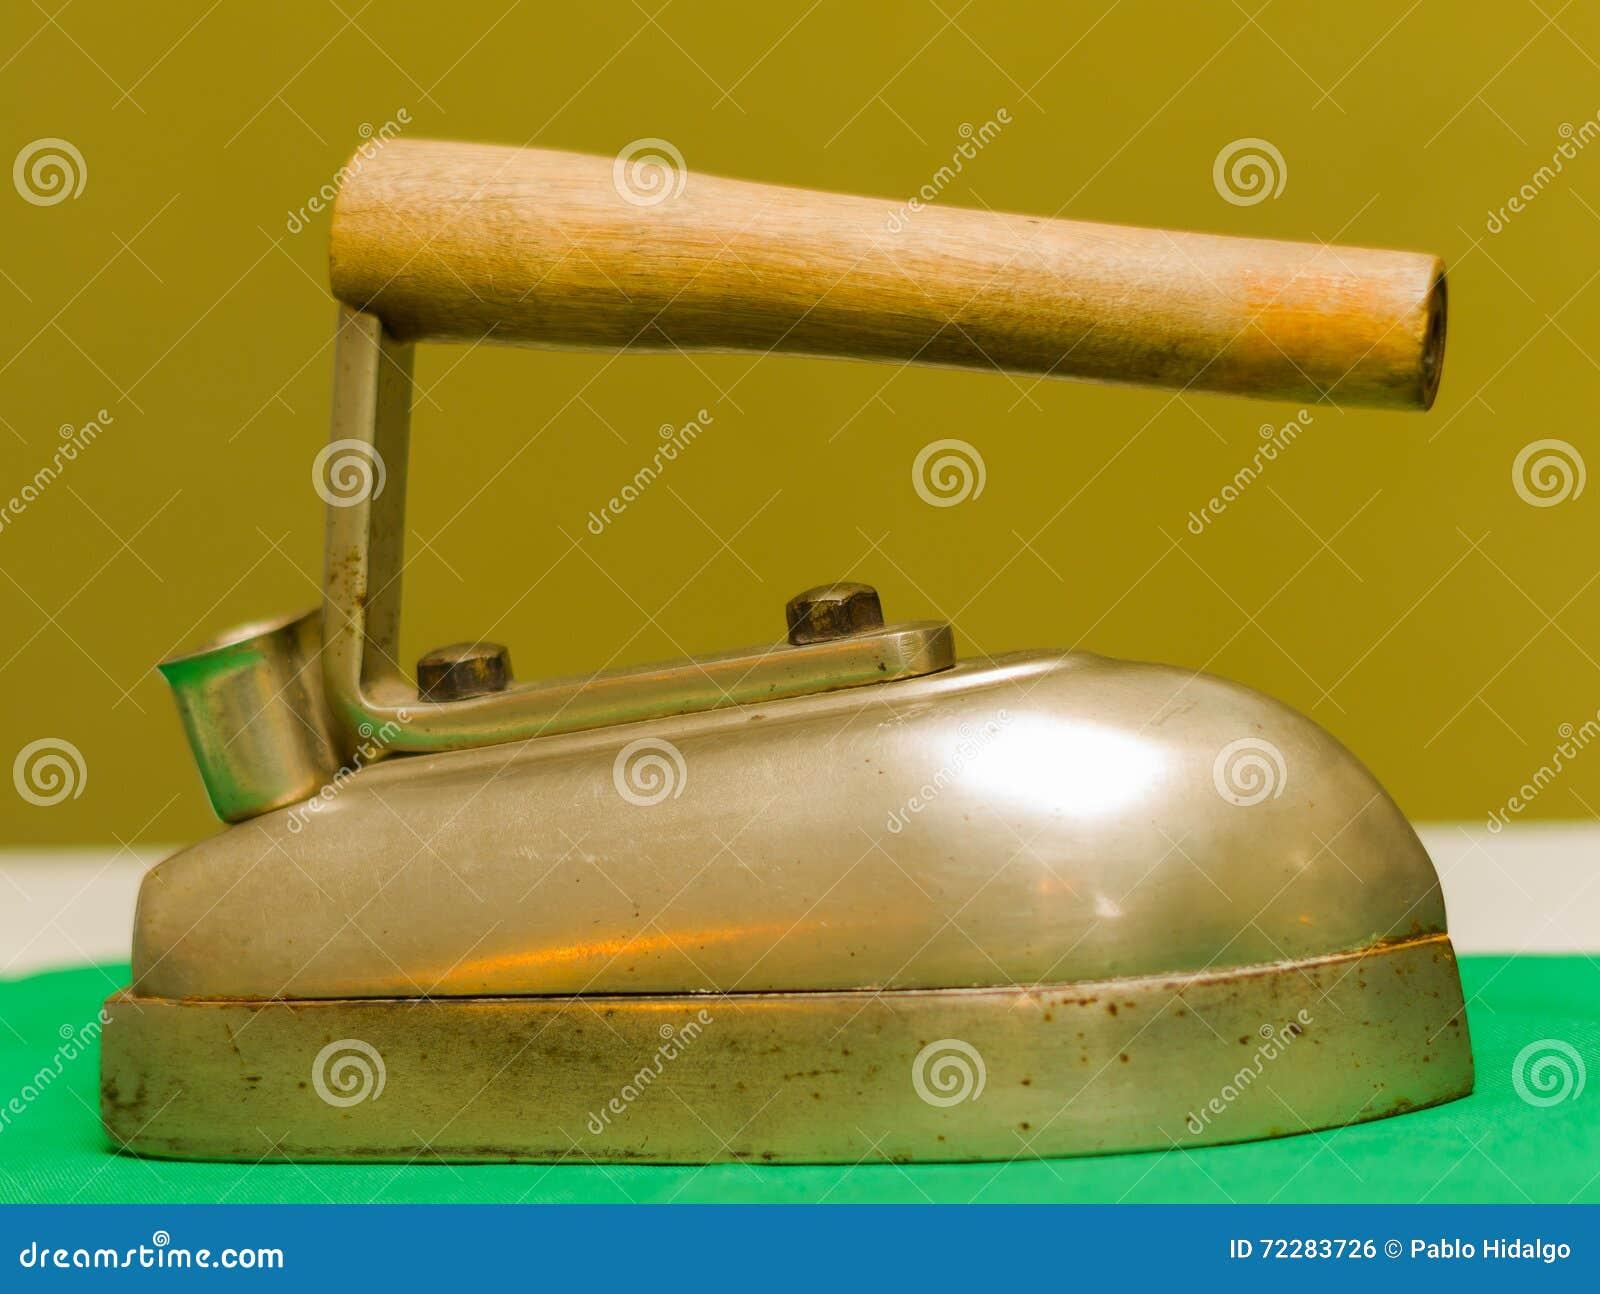 Download Закройте вверх старой железной аппаратуры, сделанный из стали и древесины использование с углем Стоковое Фото - изображение насчитывающей приспособления, тяжело: 72283726